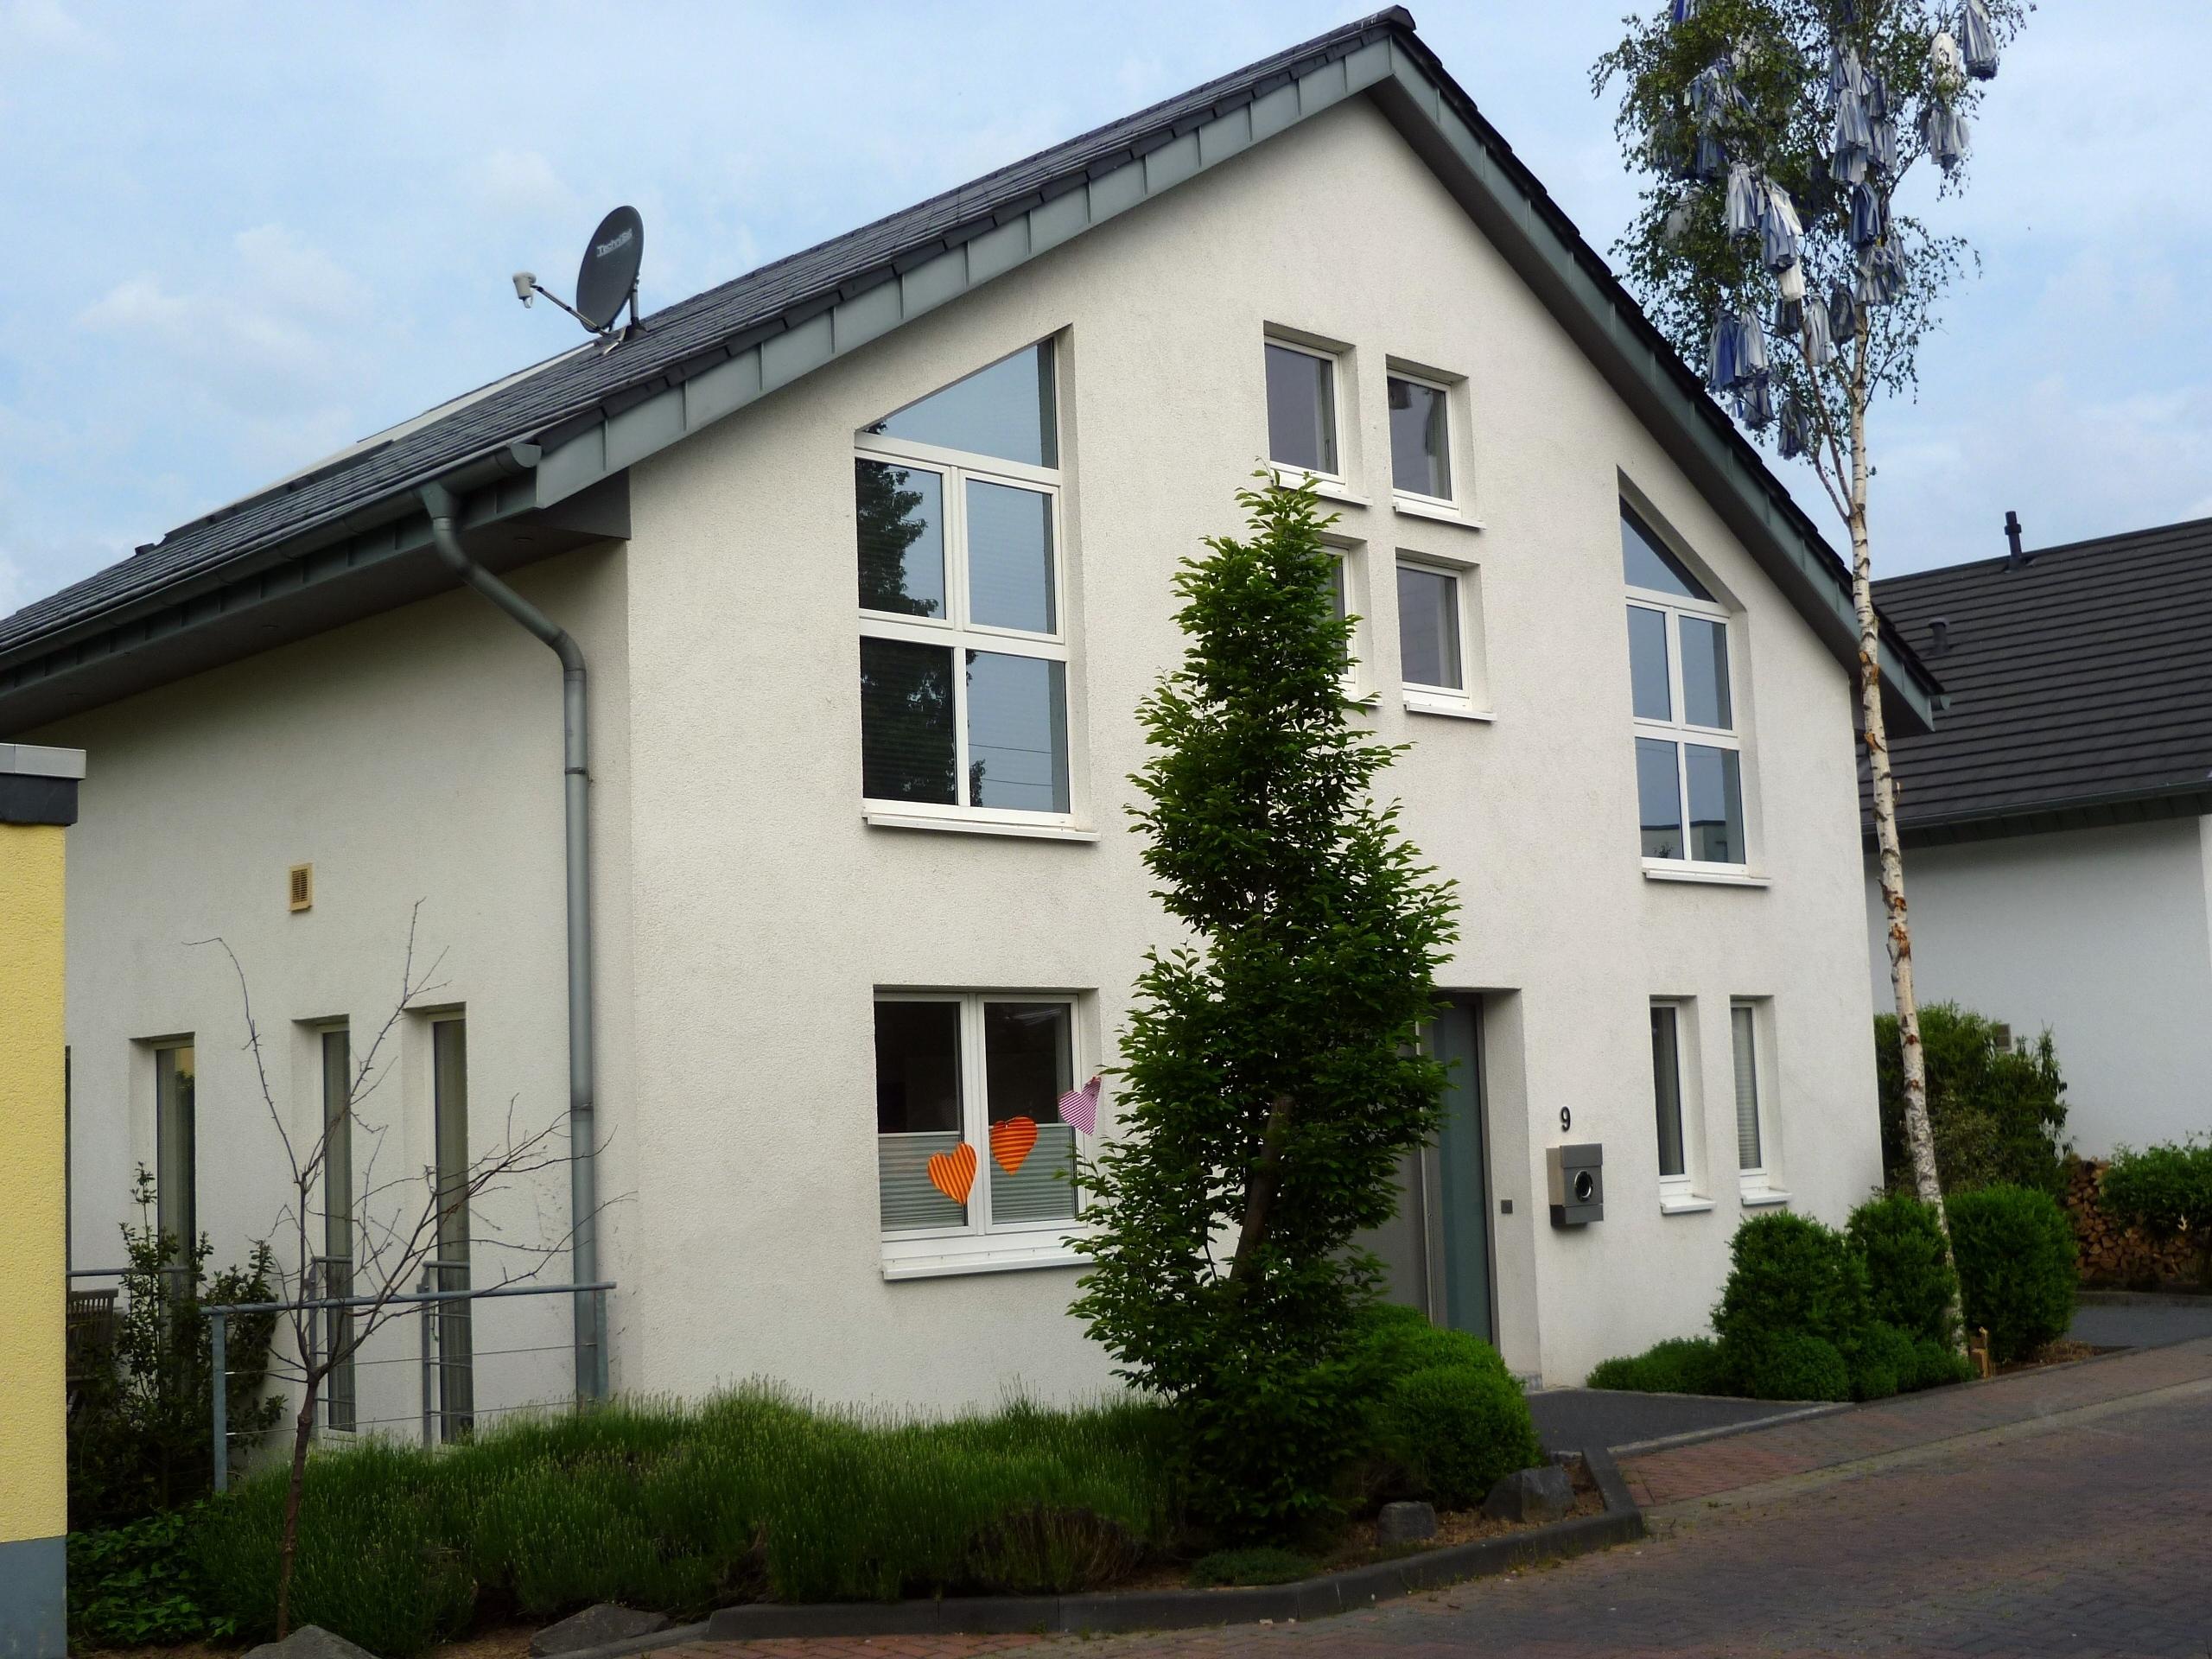 Kruczek und Kawelke Ingenieur- und Architektenbüro